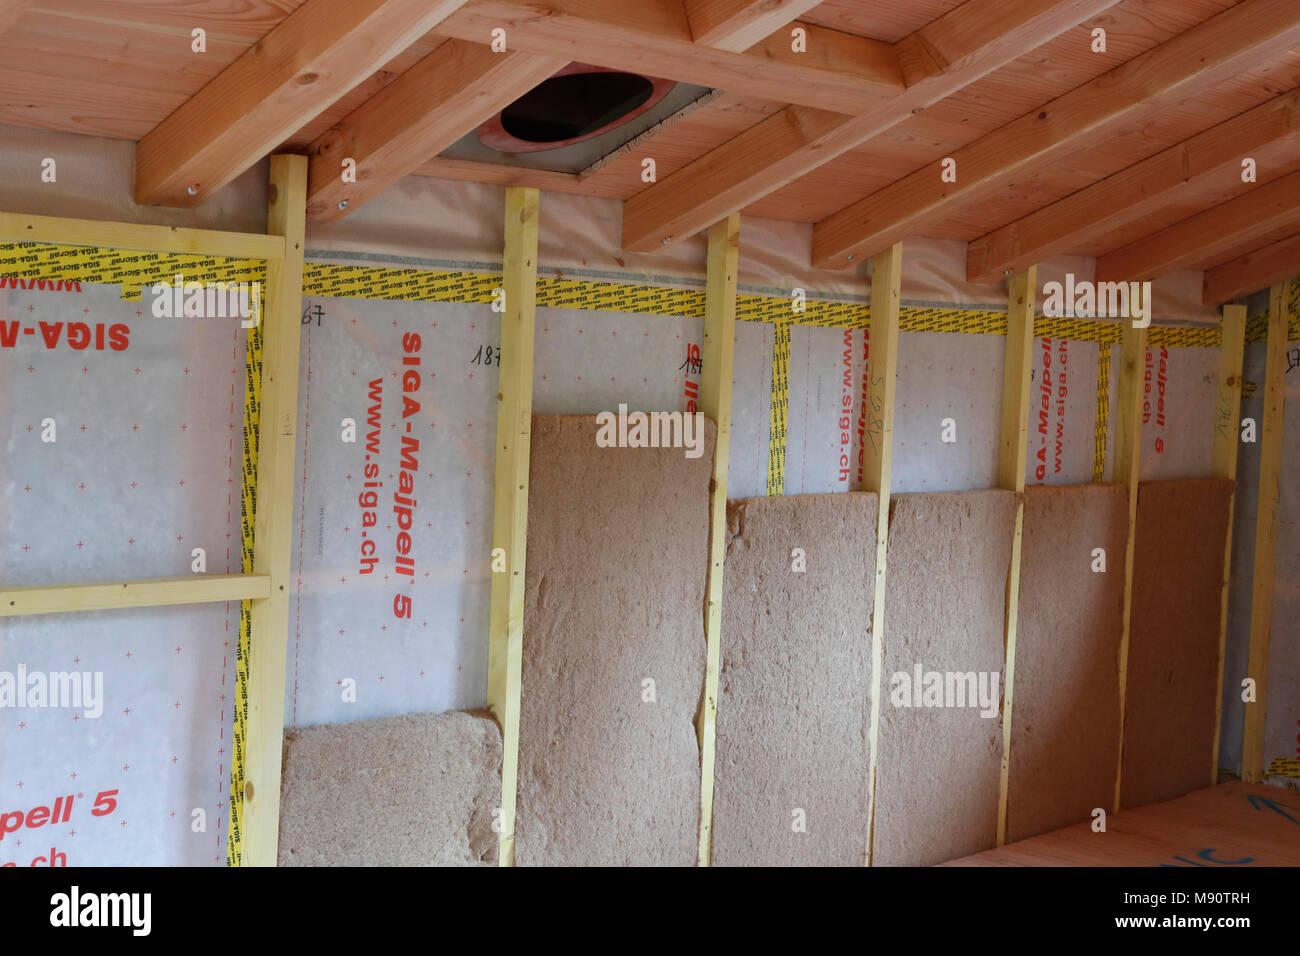 Holz- struktur von Haus im Bau. Die Isolierung. Stockbild